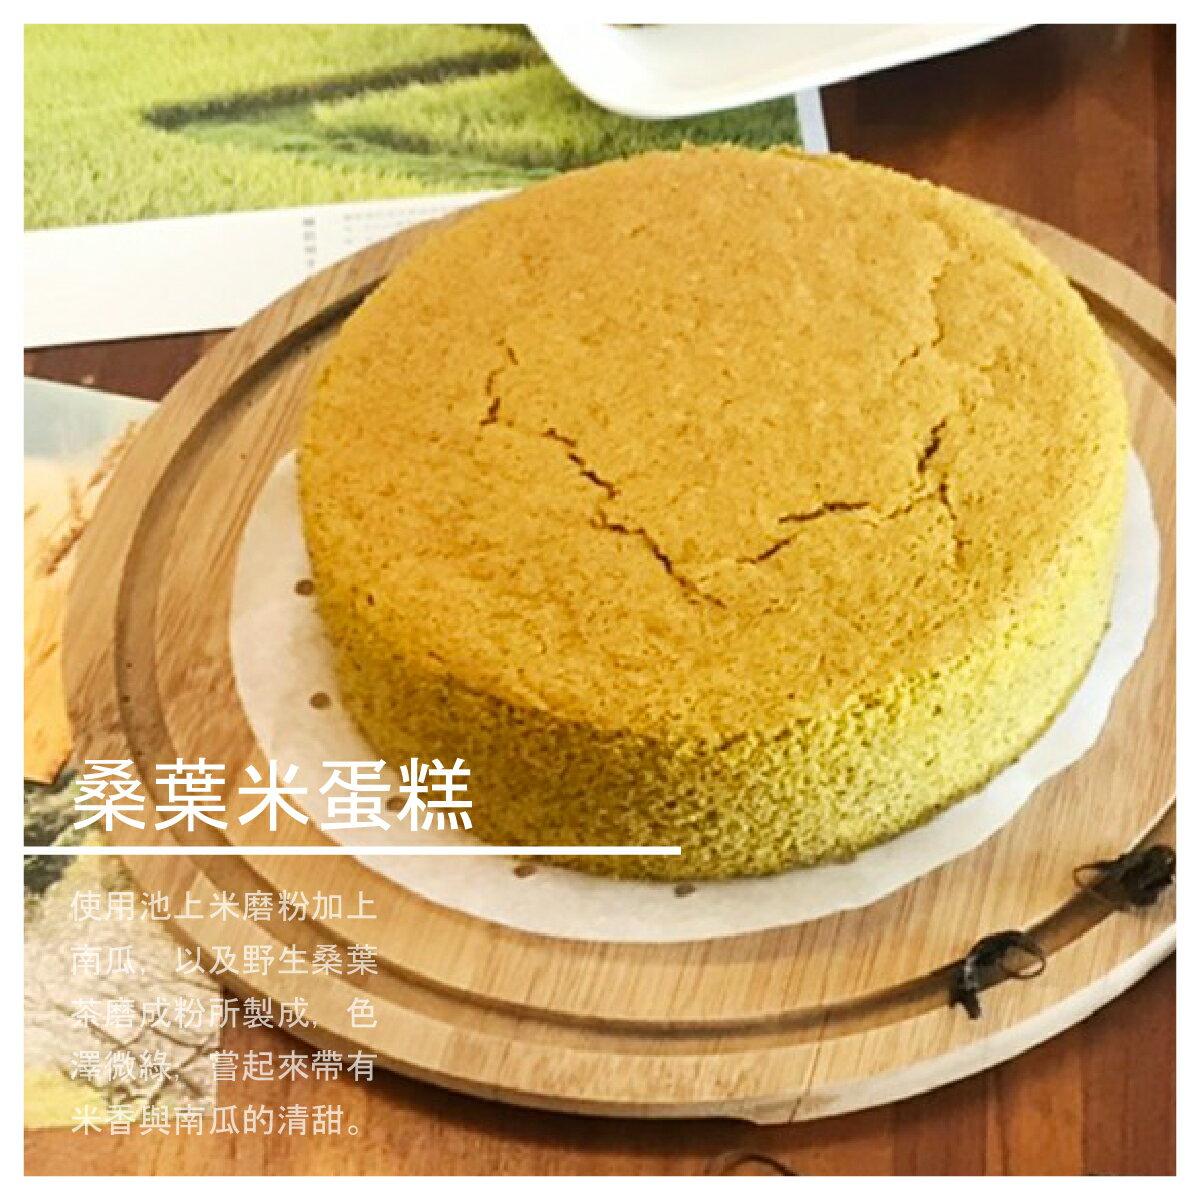 【曬穀場手作坊&旅棧】桑葉米蛋糕 7吋